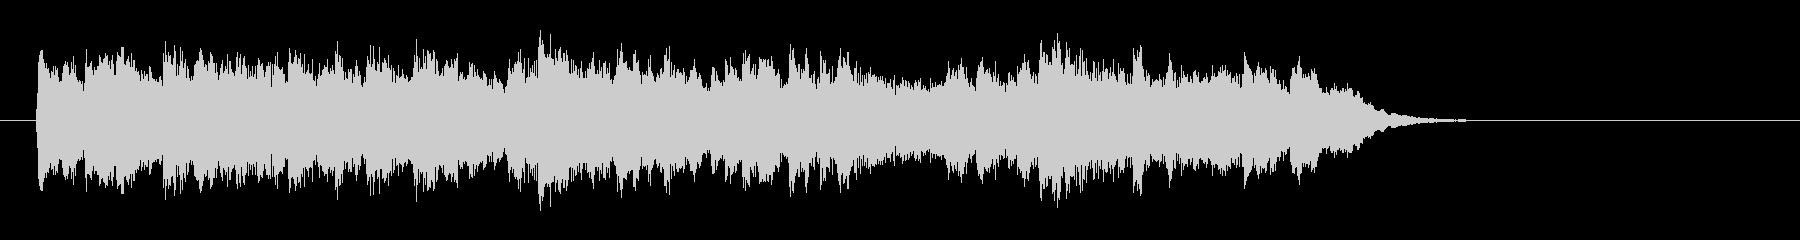 感傷的なピアノバラード(サビ)の未再生の波形